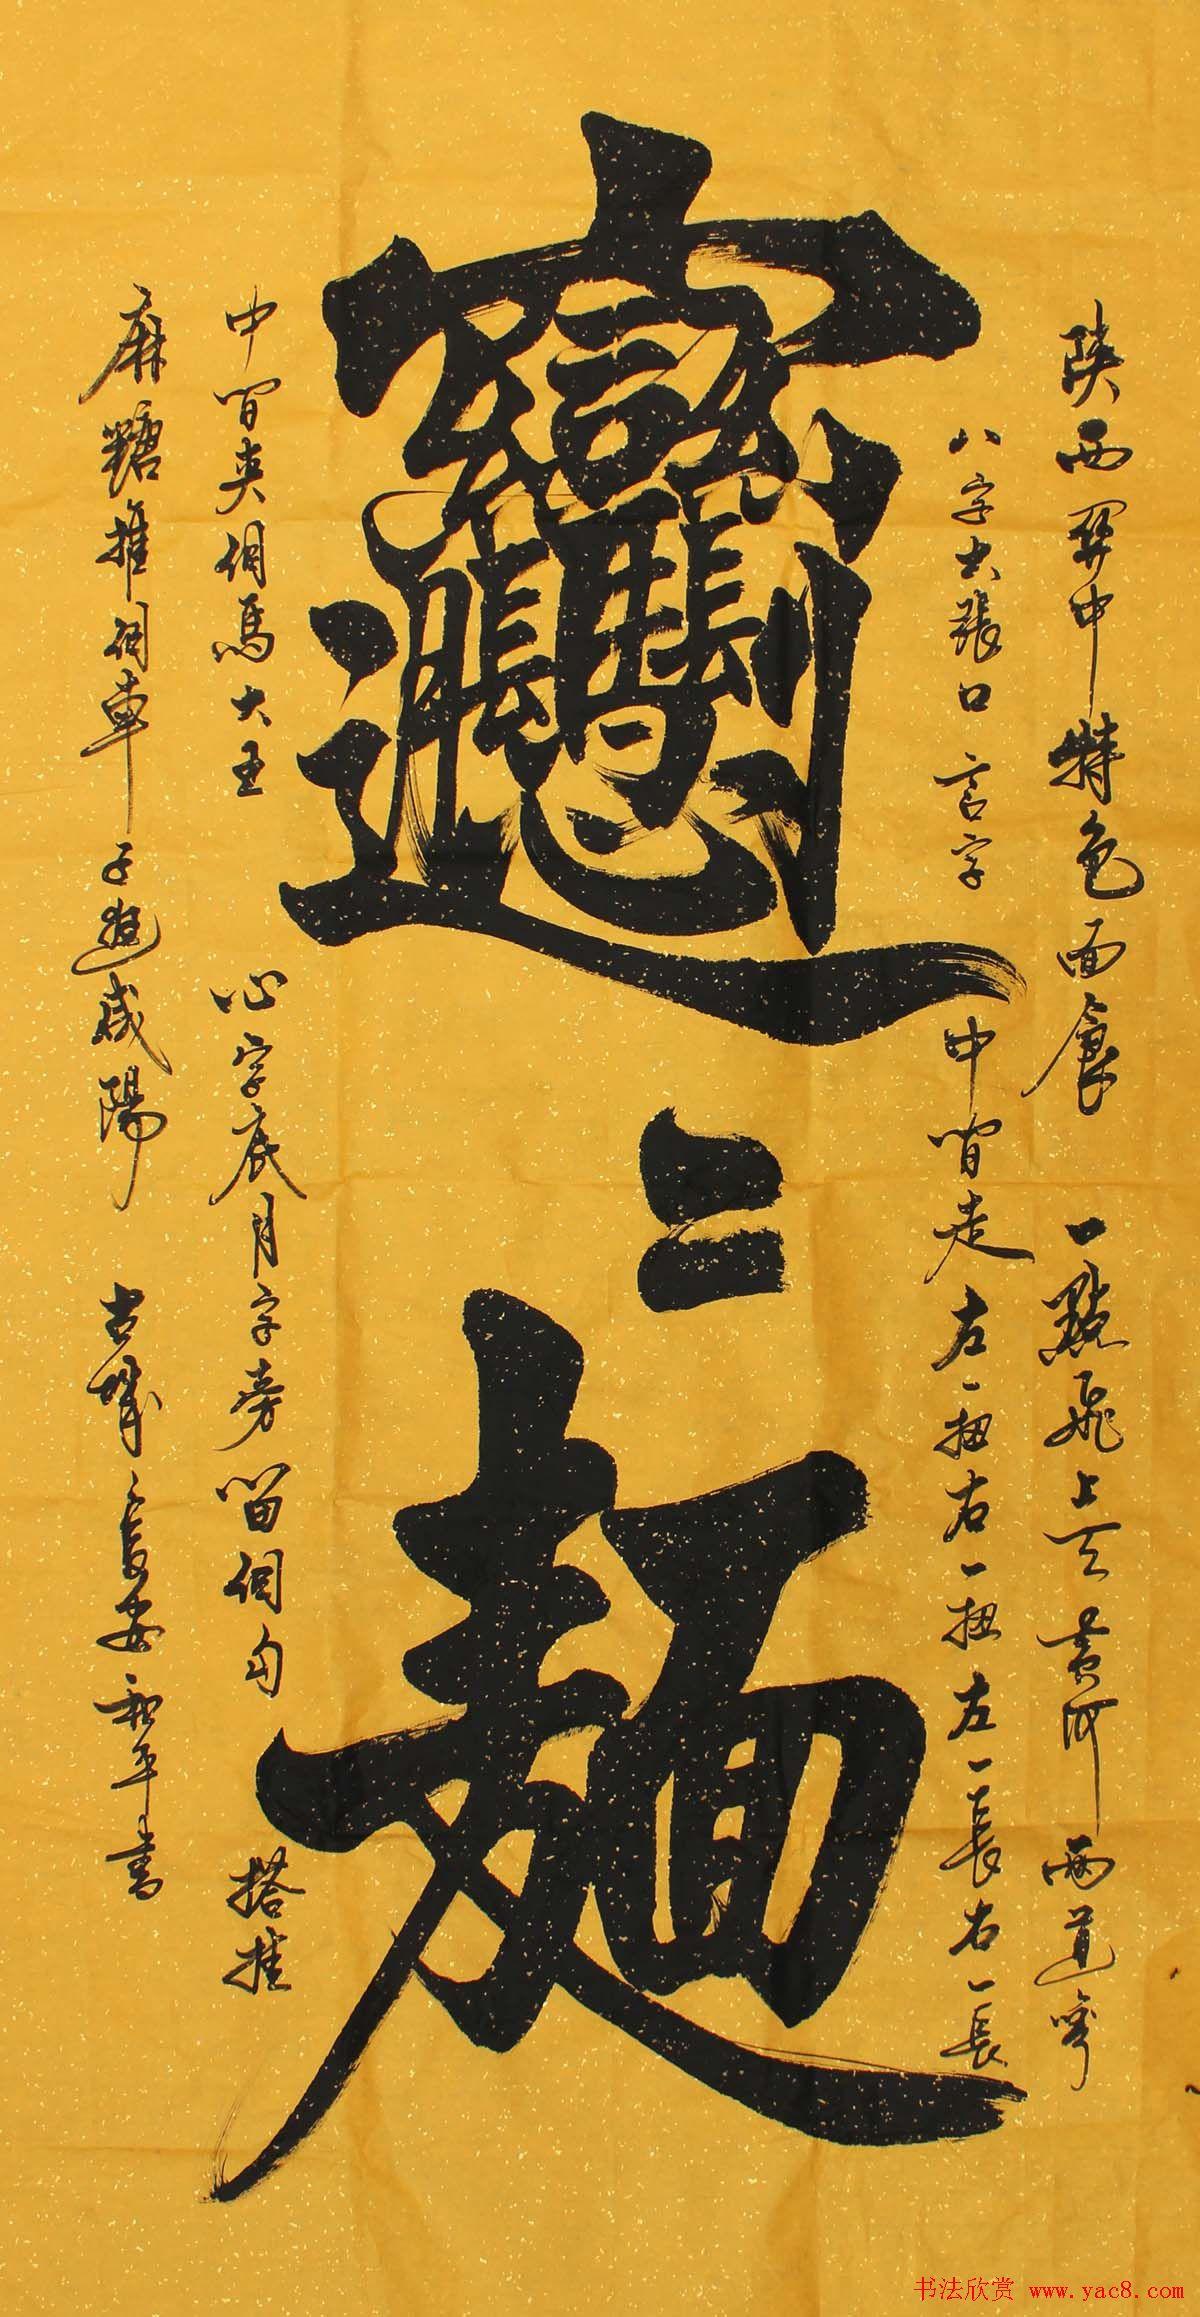 中国笔画最多的字 biang